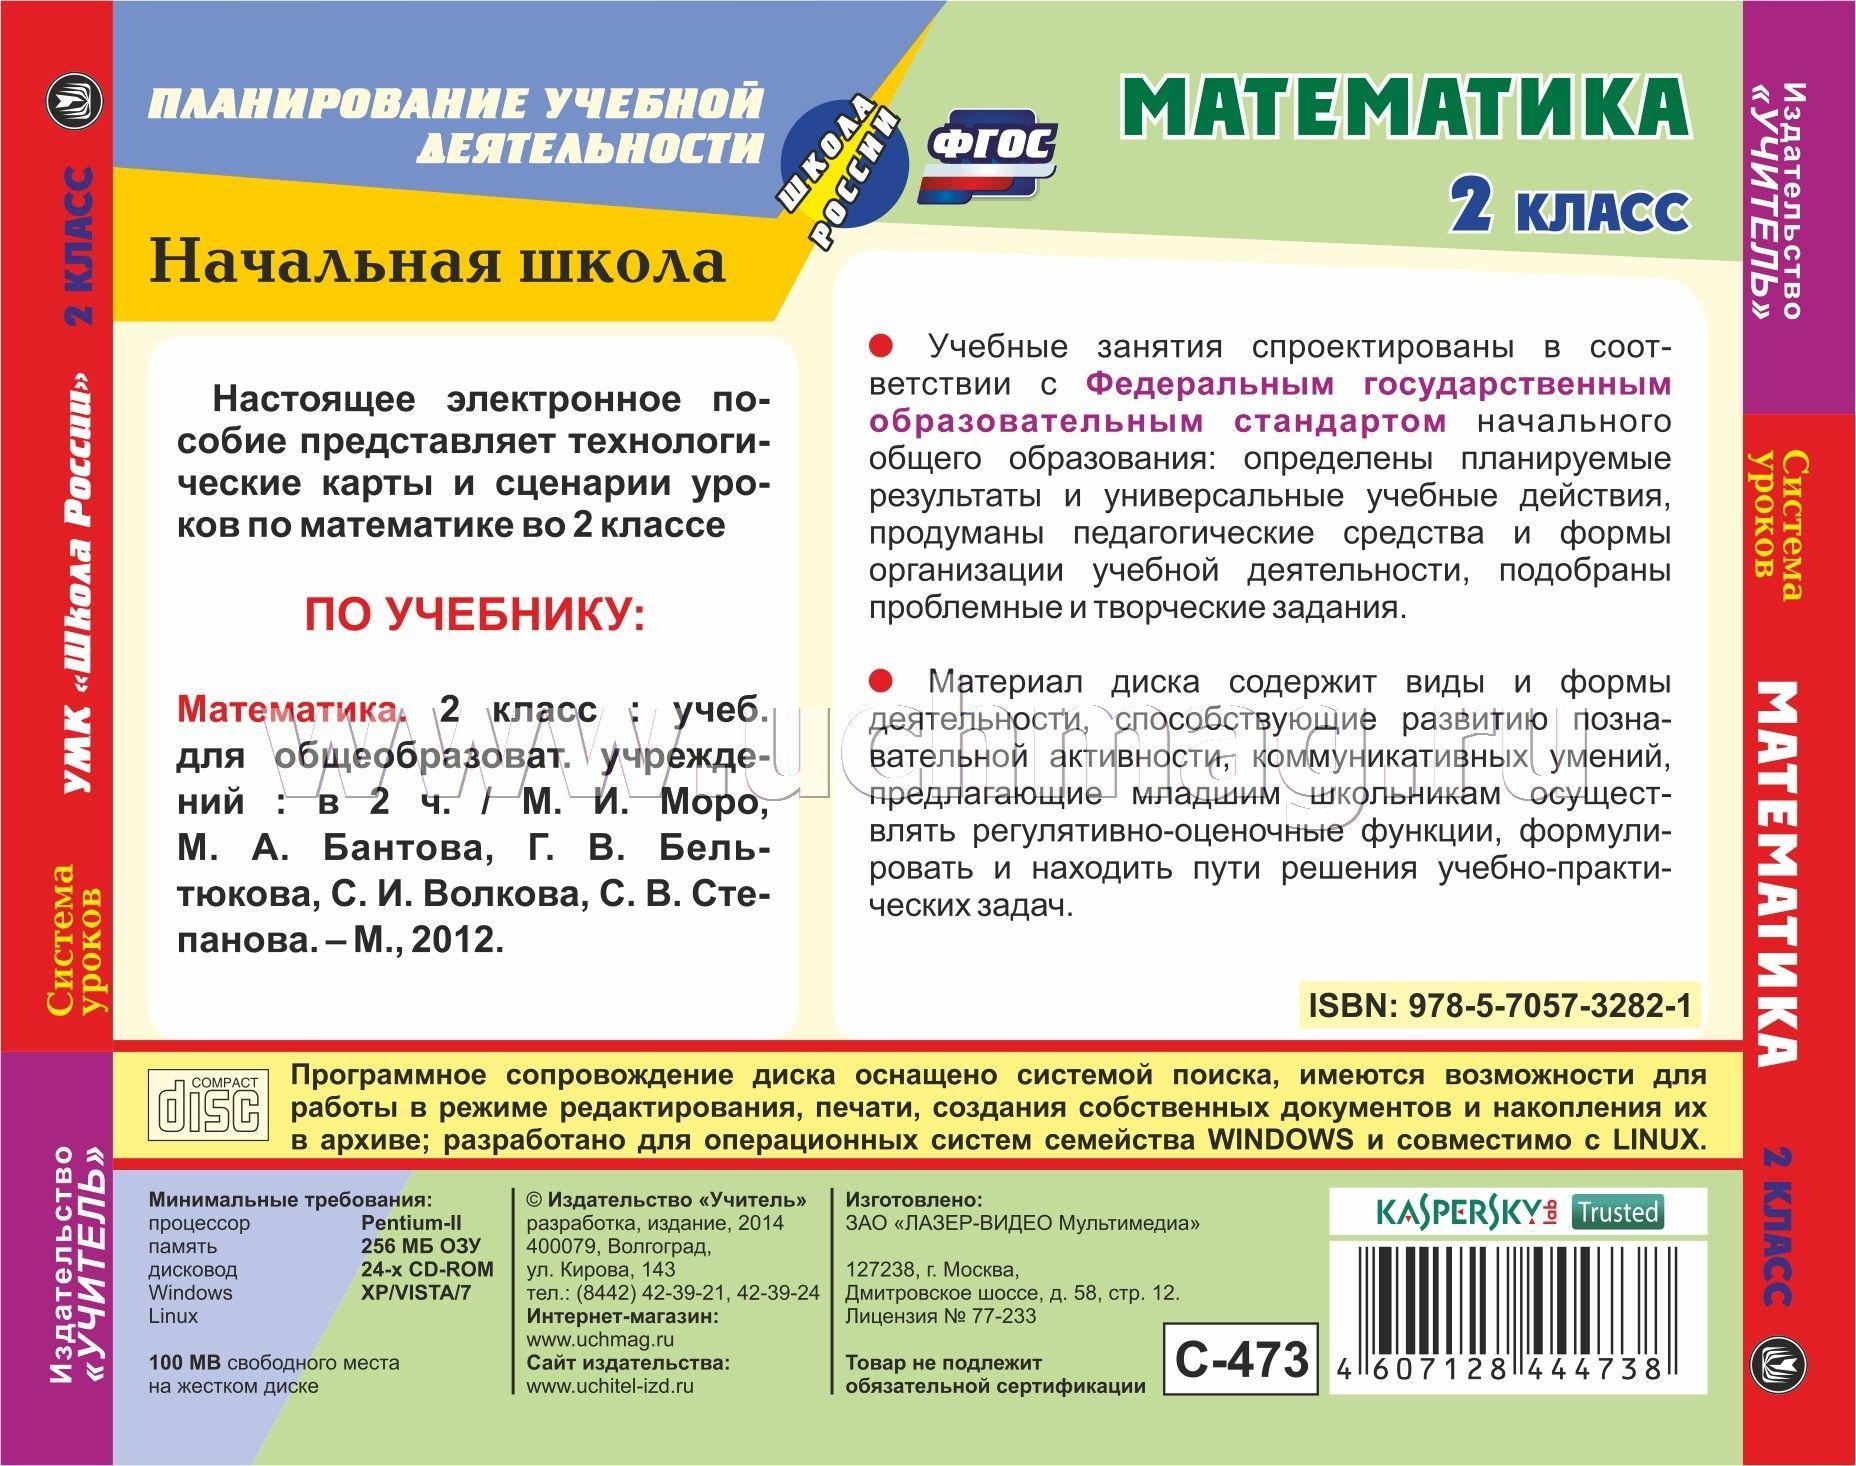 Умк школа россии фгос 2 класс рабочая программа с ууд по математике морро бантова